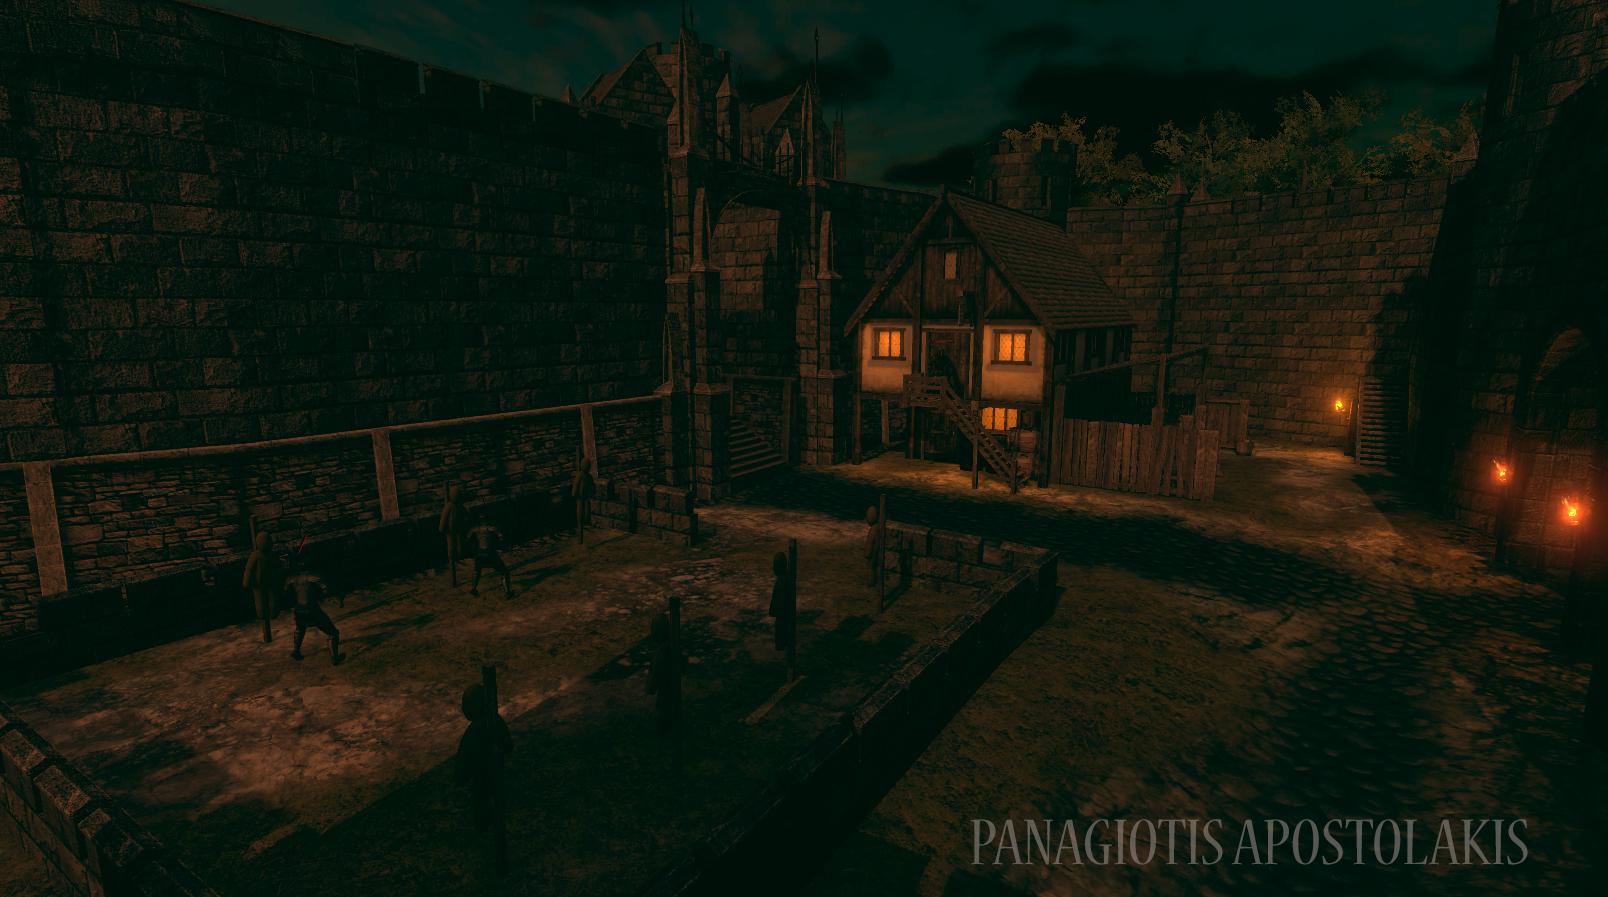 panagiotis-portfolio